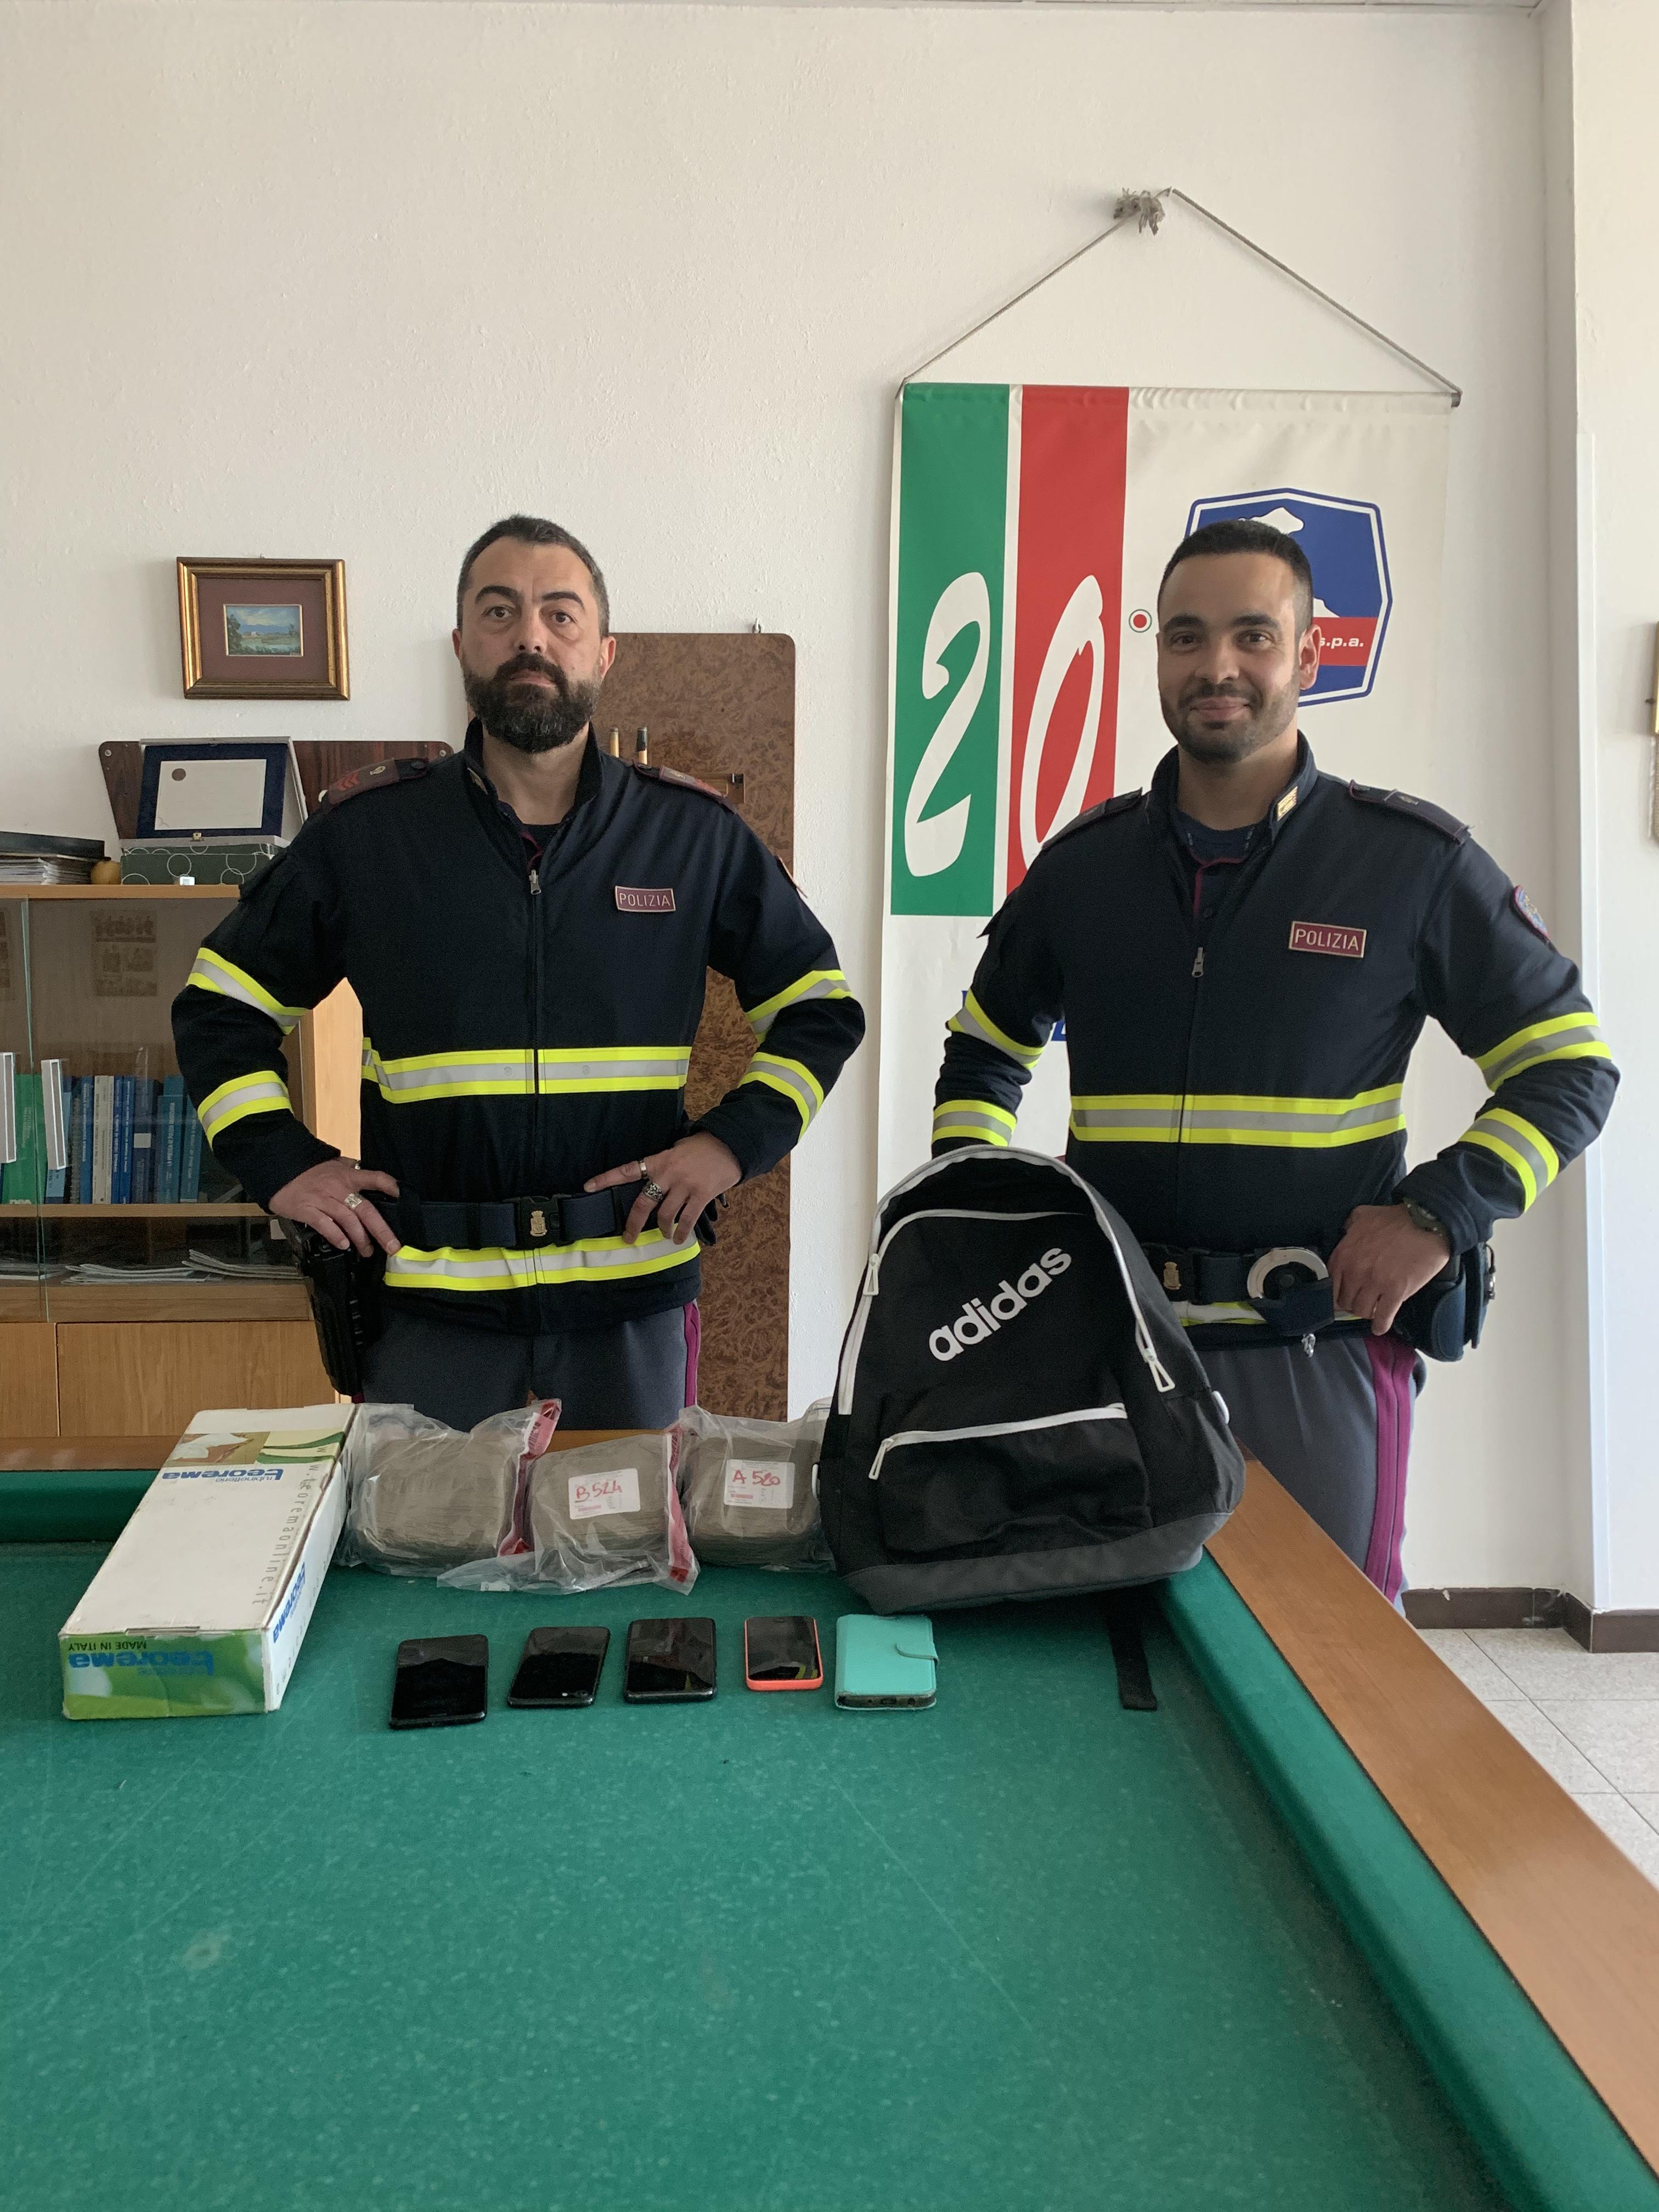 Polizia Di Stato Questure Sul Web Alessandria